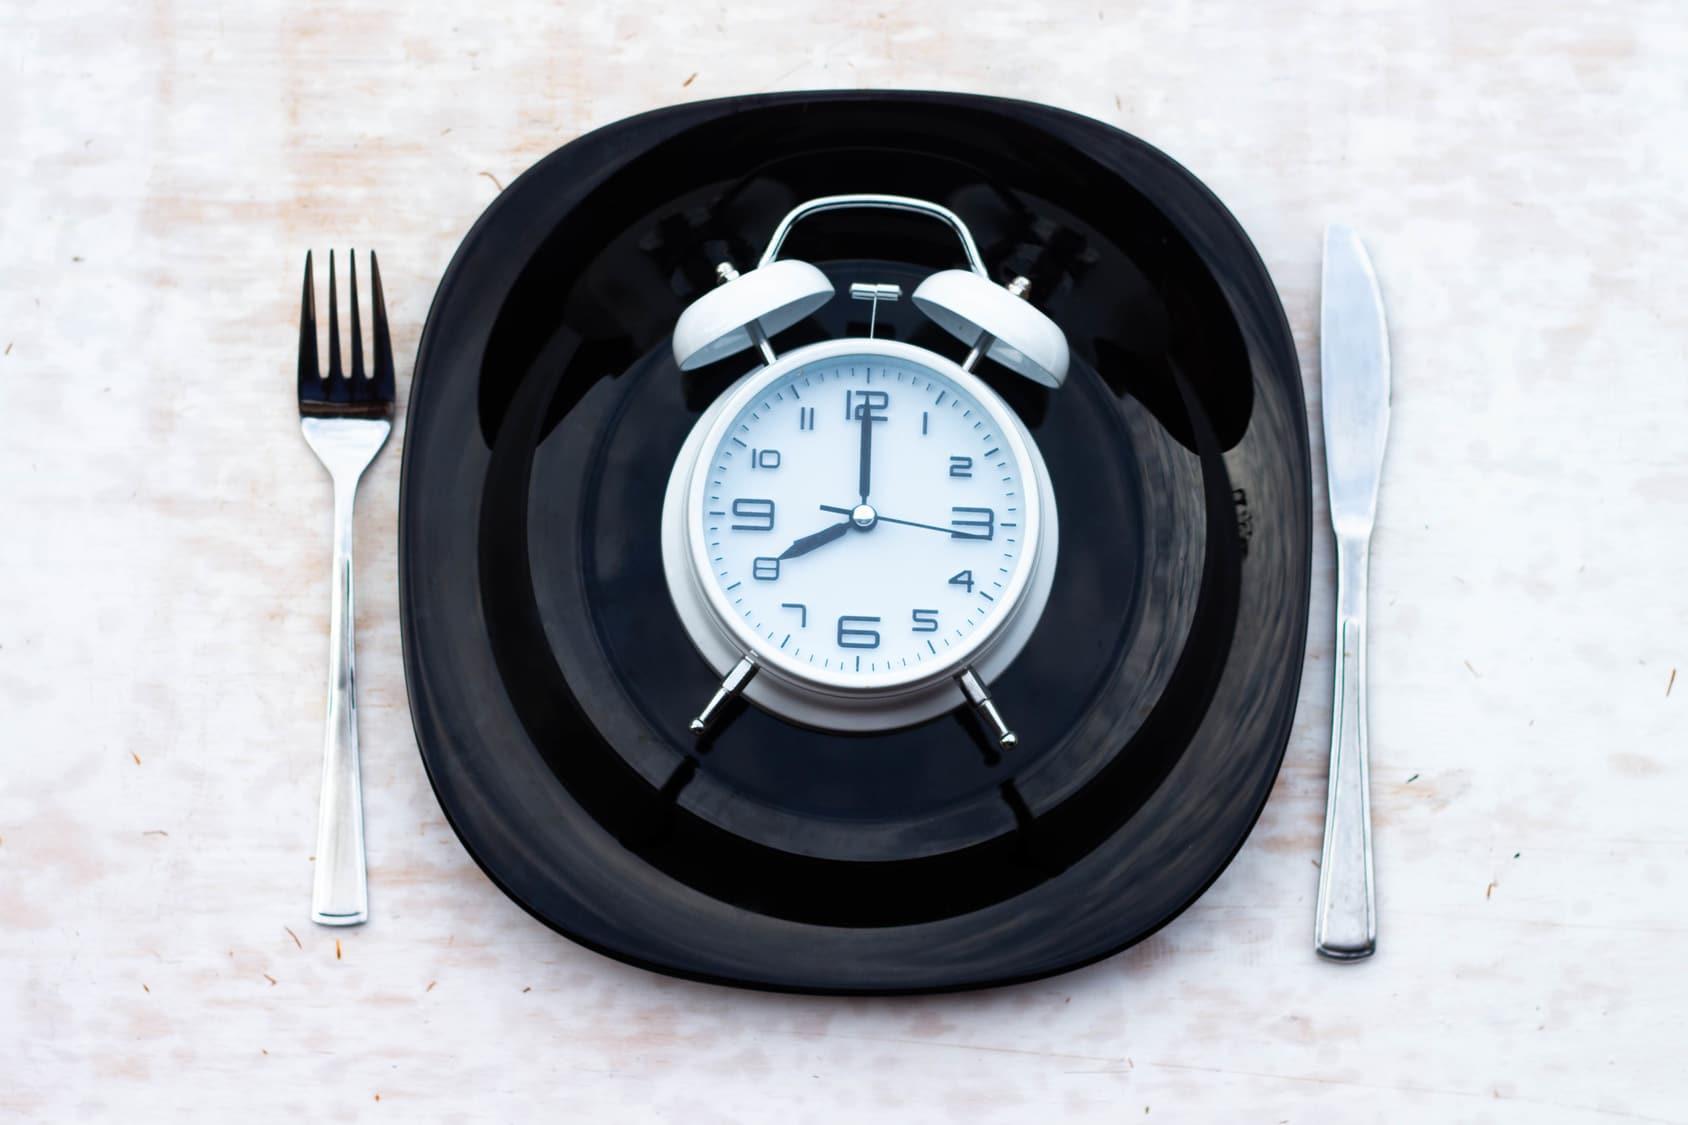 Comment manger moins, voire arrêter de manger (temporairement) ?